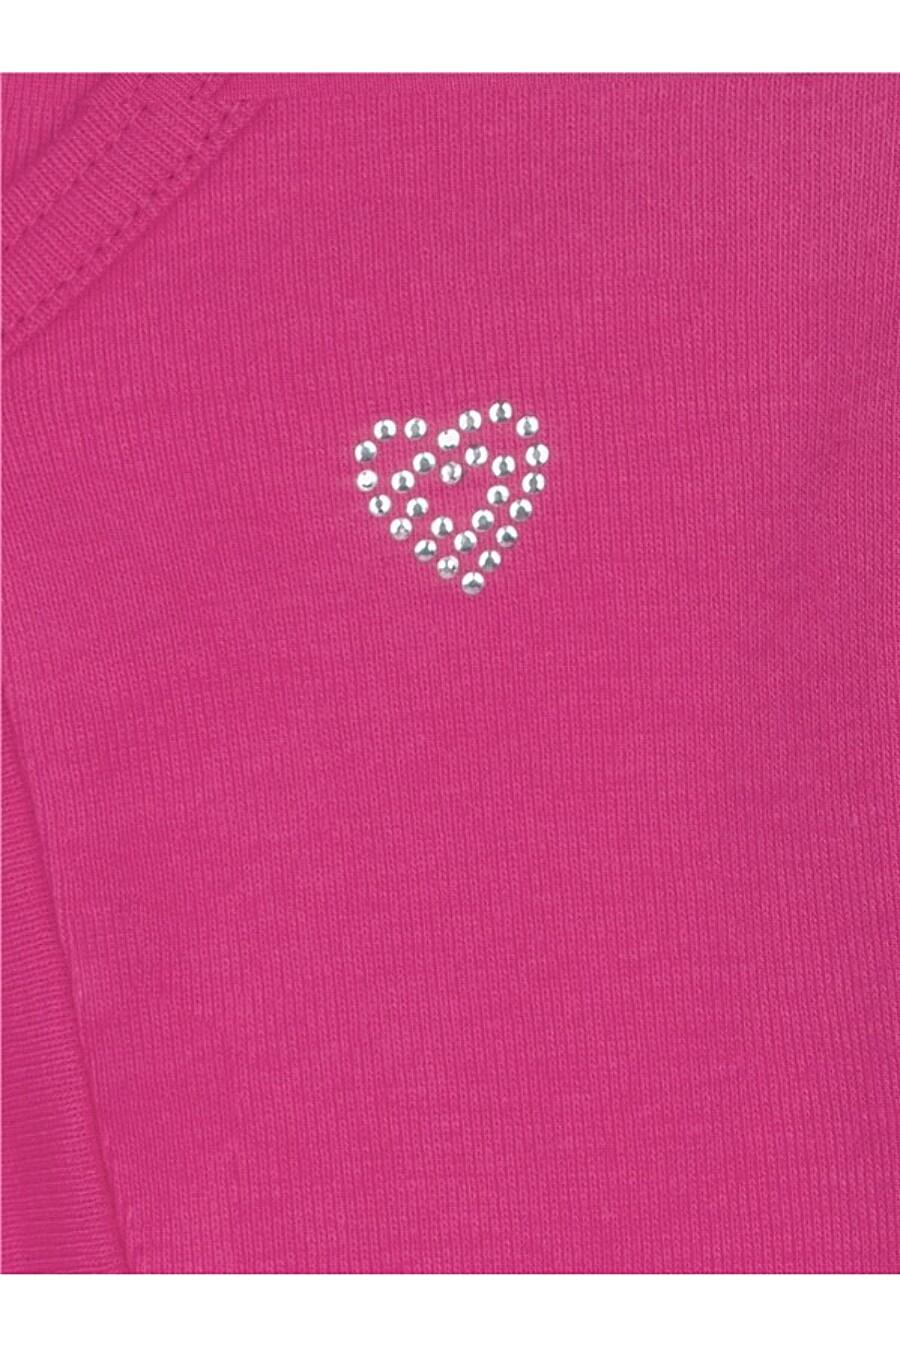 Болеро для девочек АПРЕЛЬ 708002 купить оптом от производителя. Совместная покупка детской одежды в OptMoyo